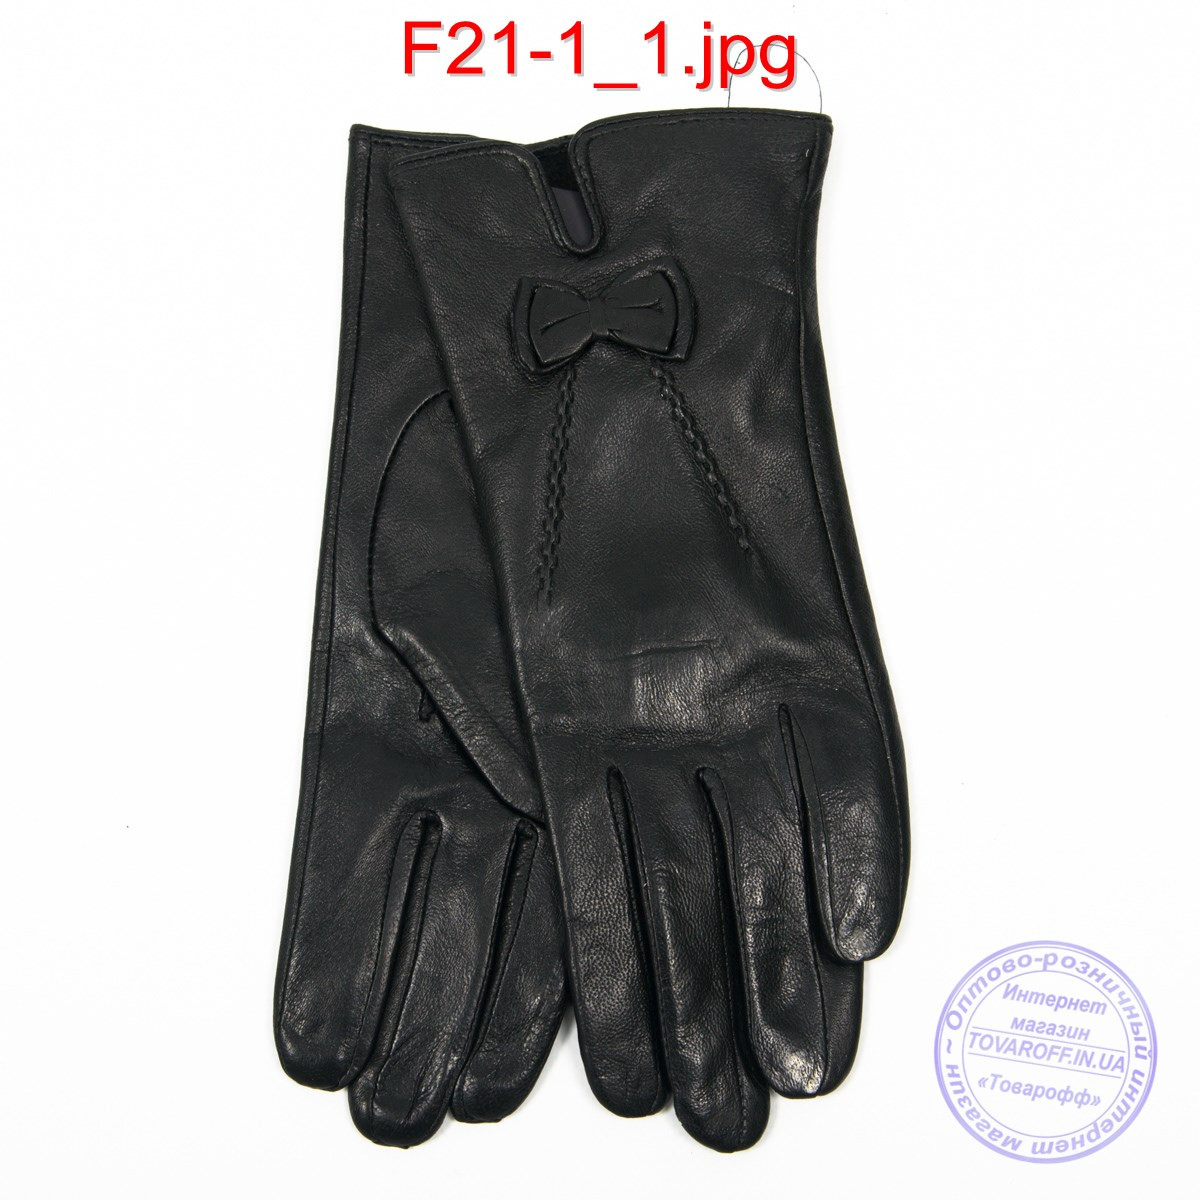 Женские кожаные перчатки на плюше - F21-1